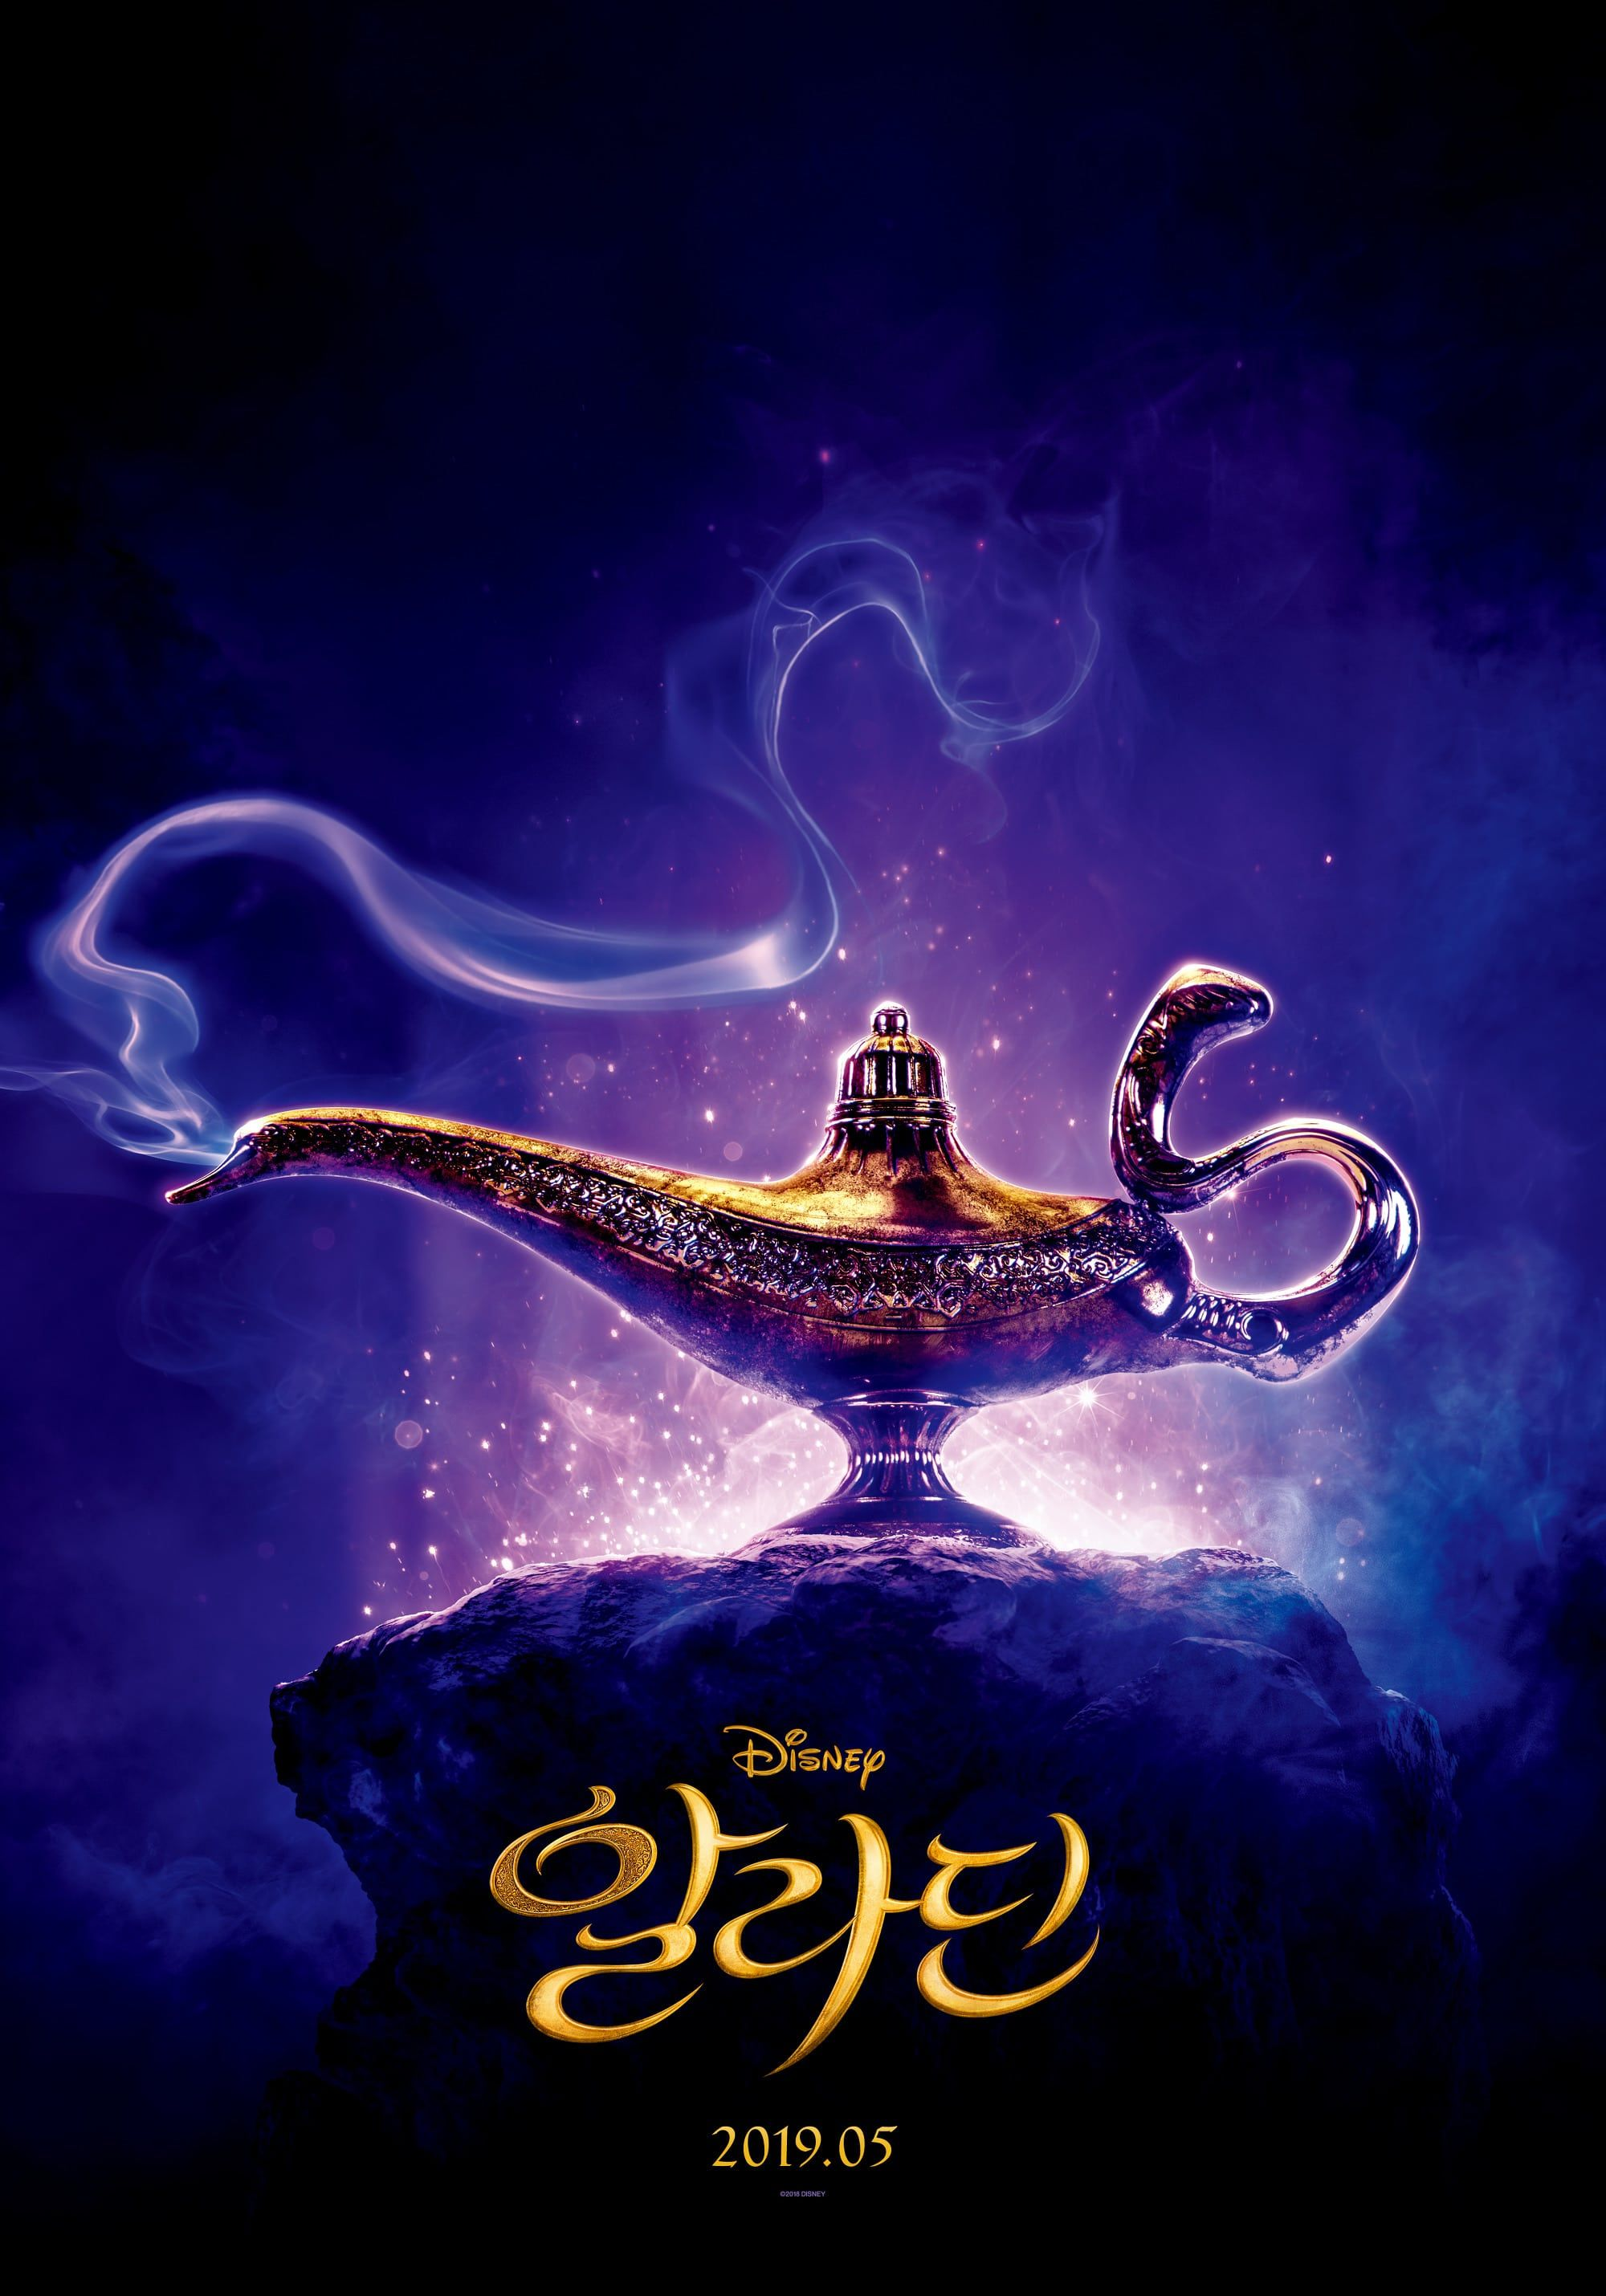 Regarder Aladdin Film en ligne - [Columbia Pictures]